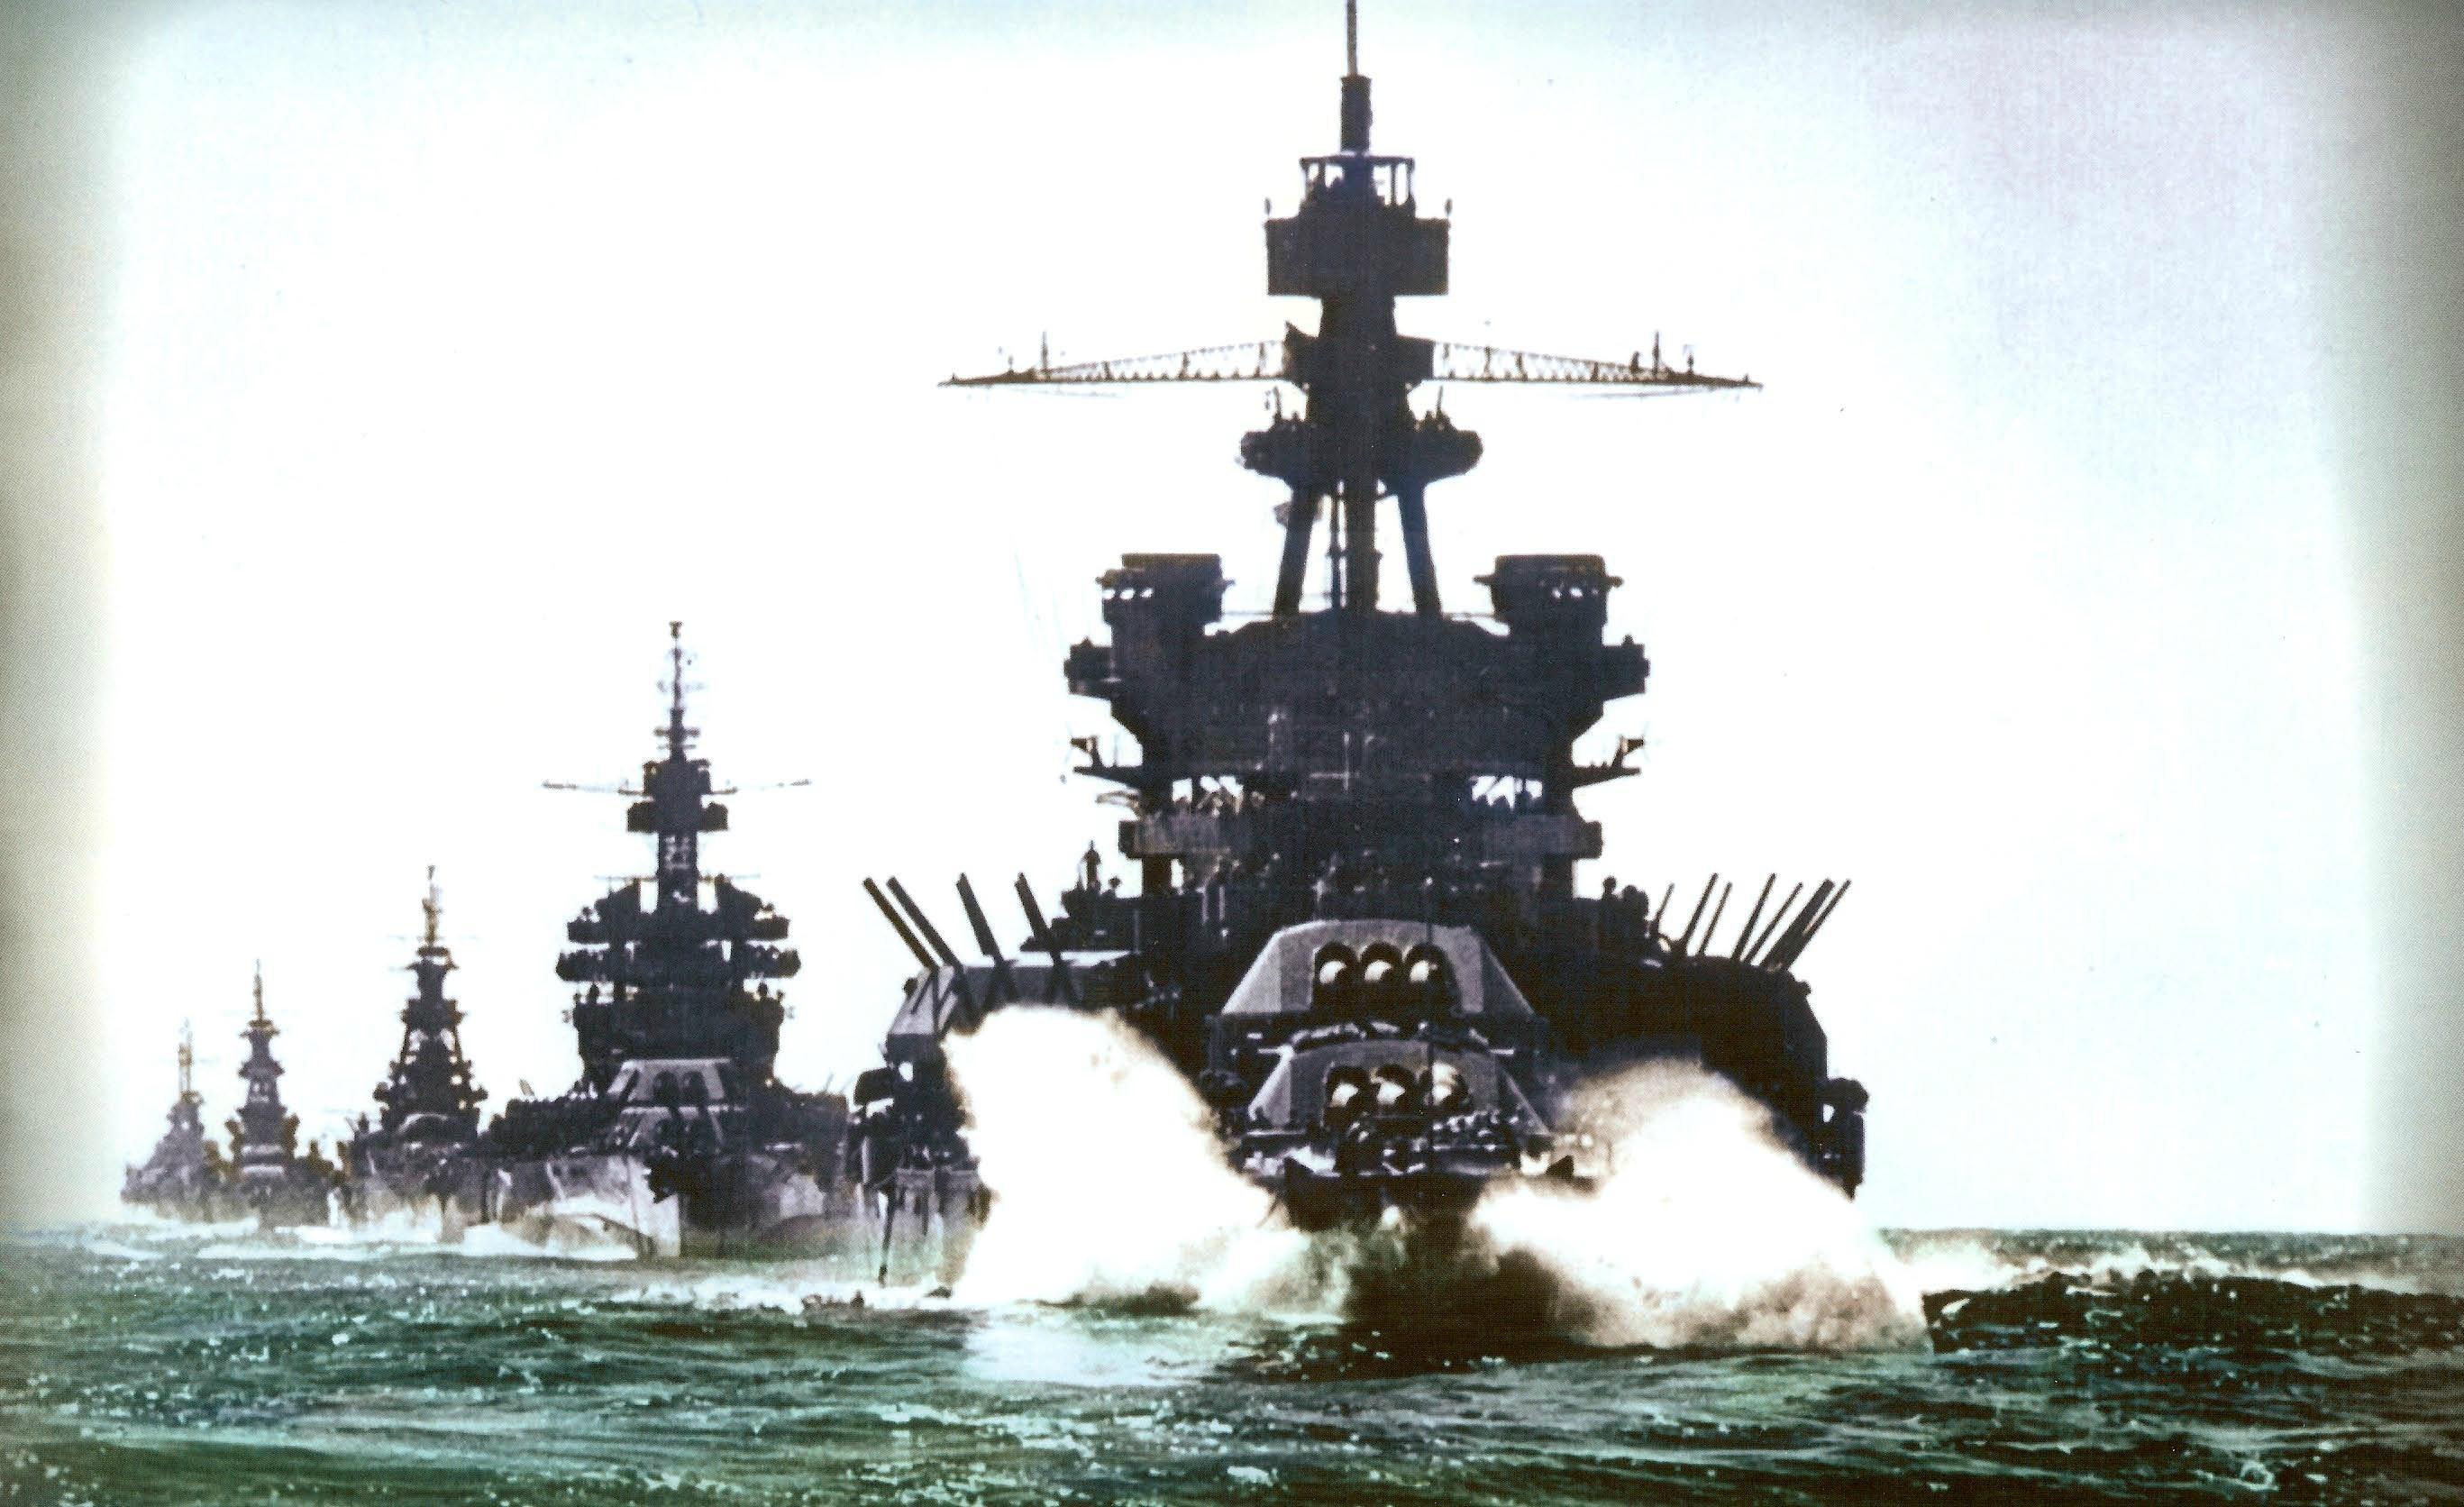 Battleship Wallpaper ①